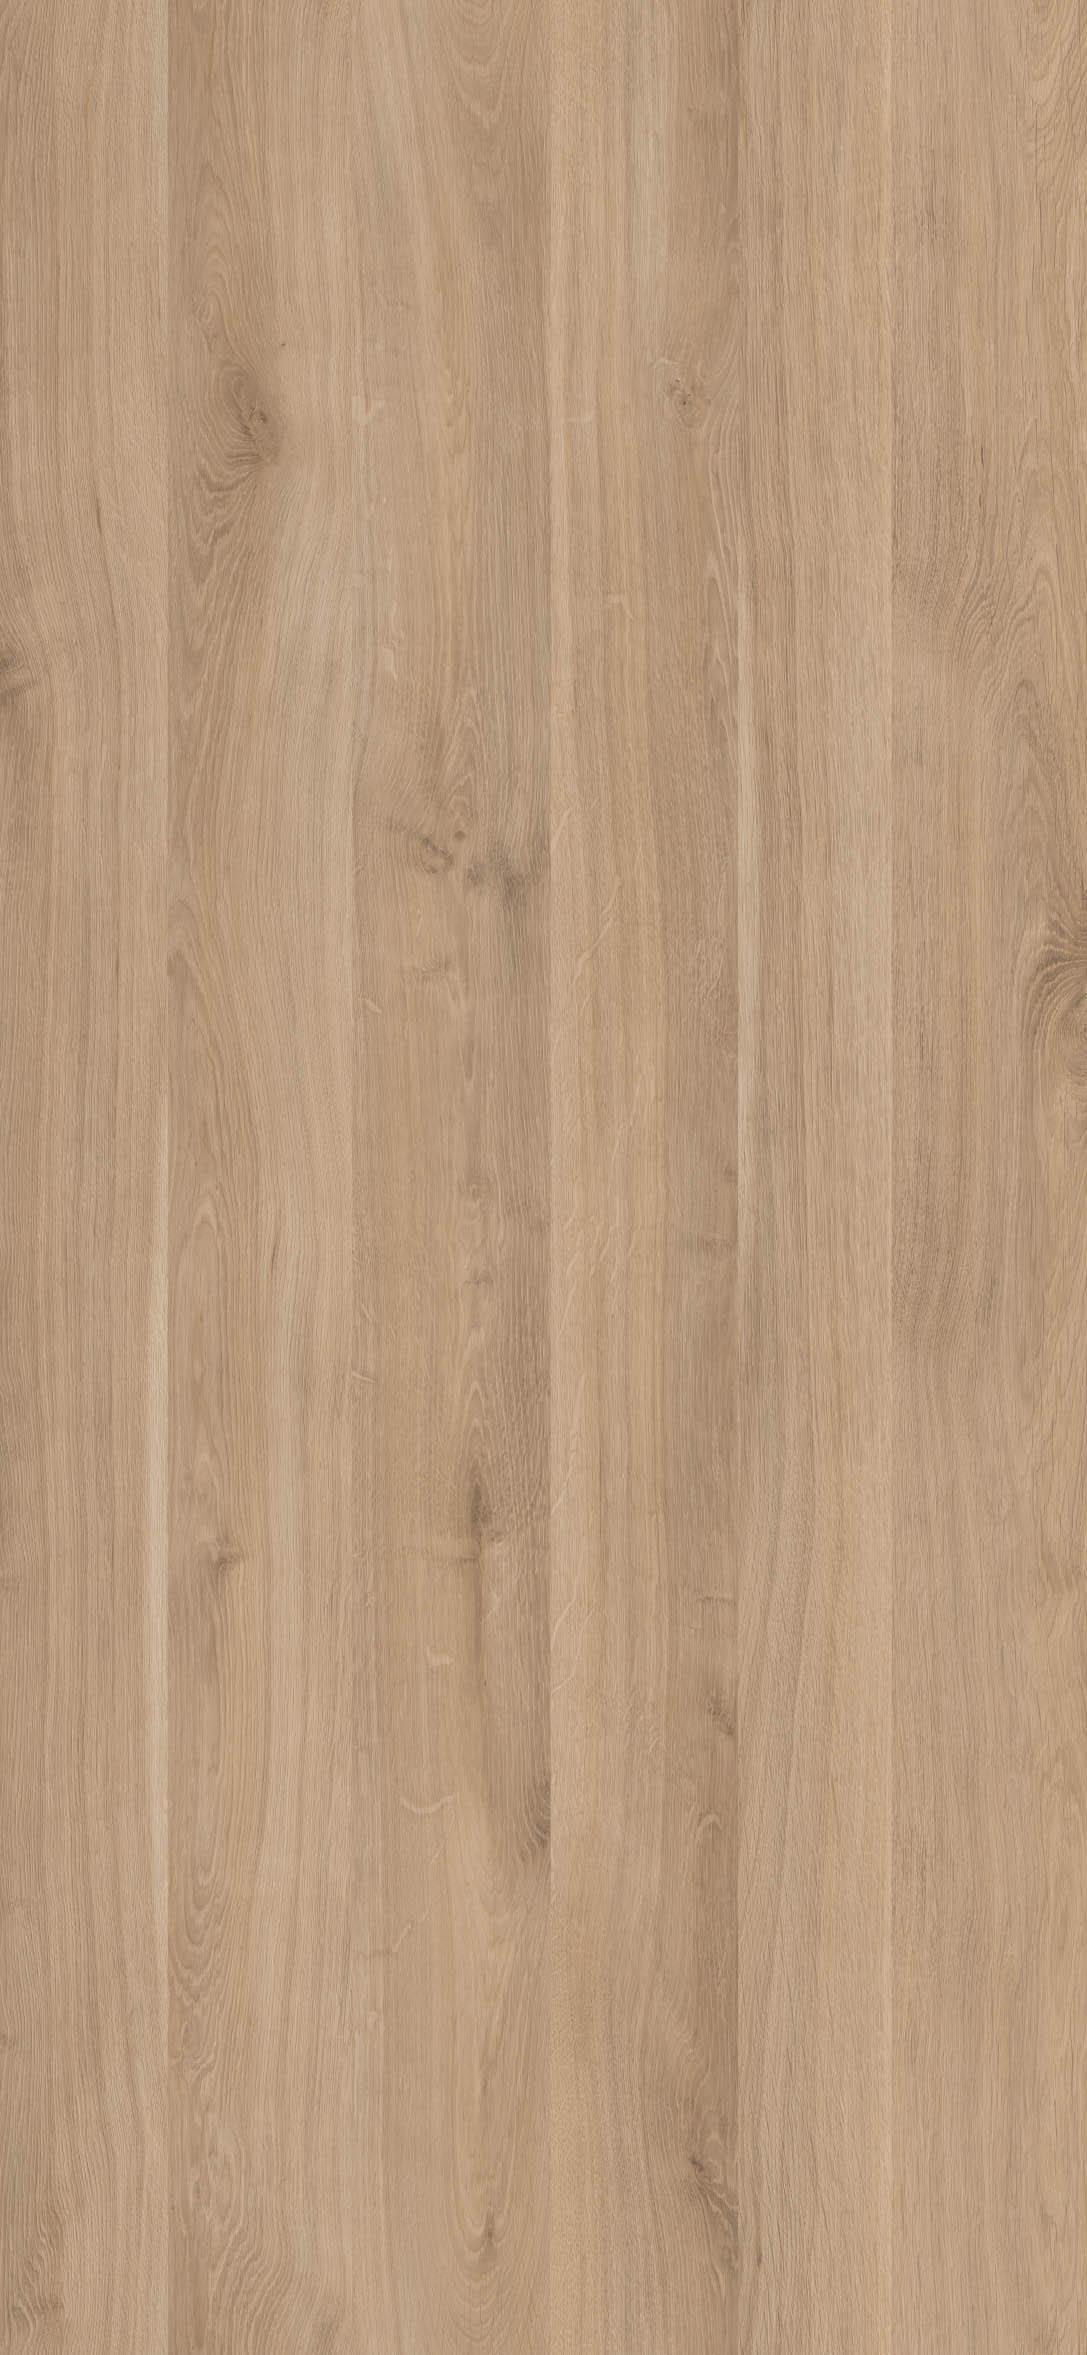 Caramel Oak